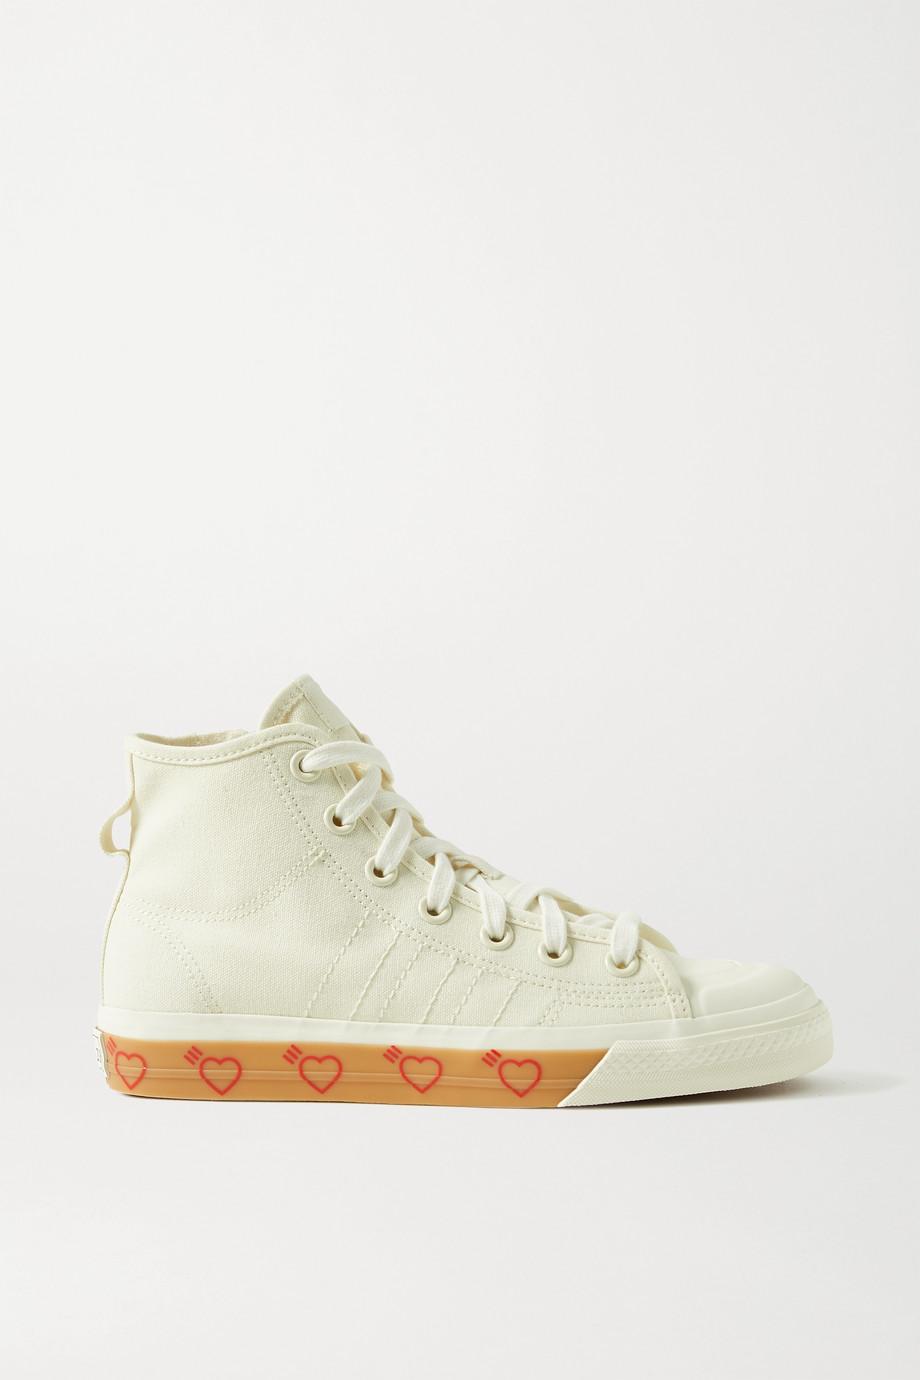 adidas Originals Baskets montantes en toile à finitions en caoutchouc Nizza Hi x Human Made